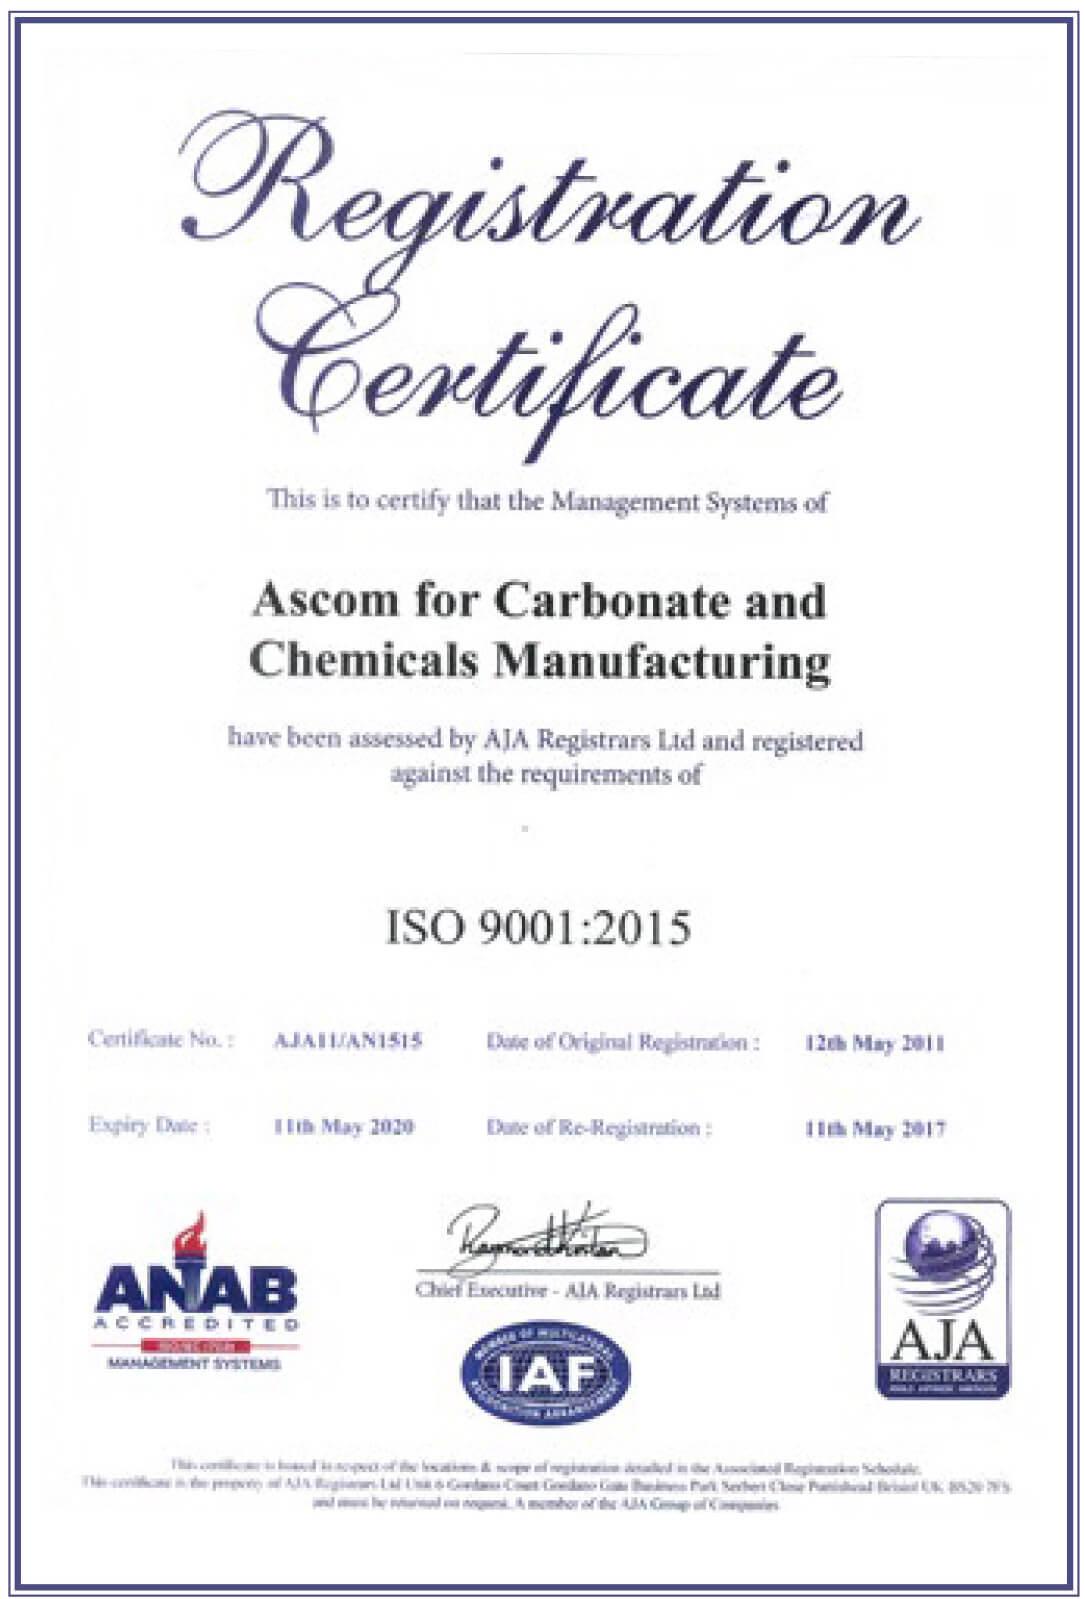 certificate1-1